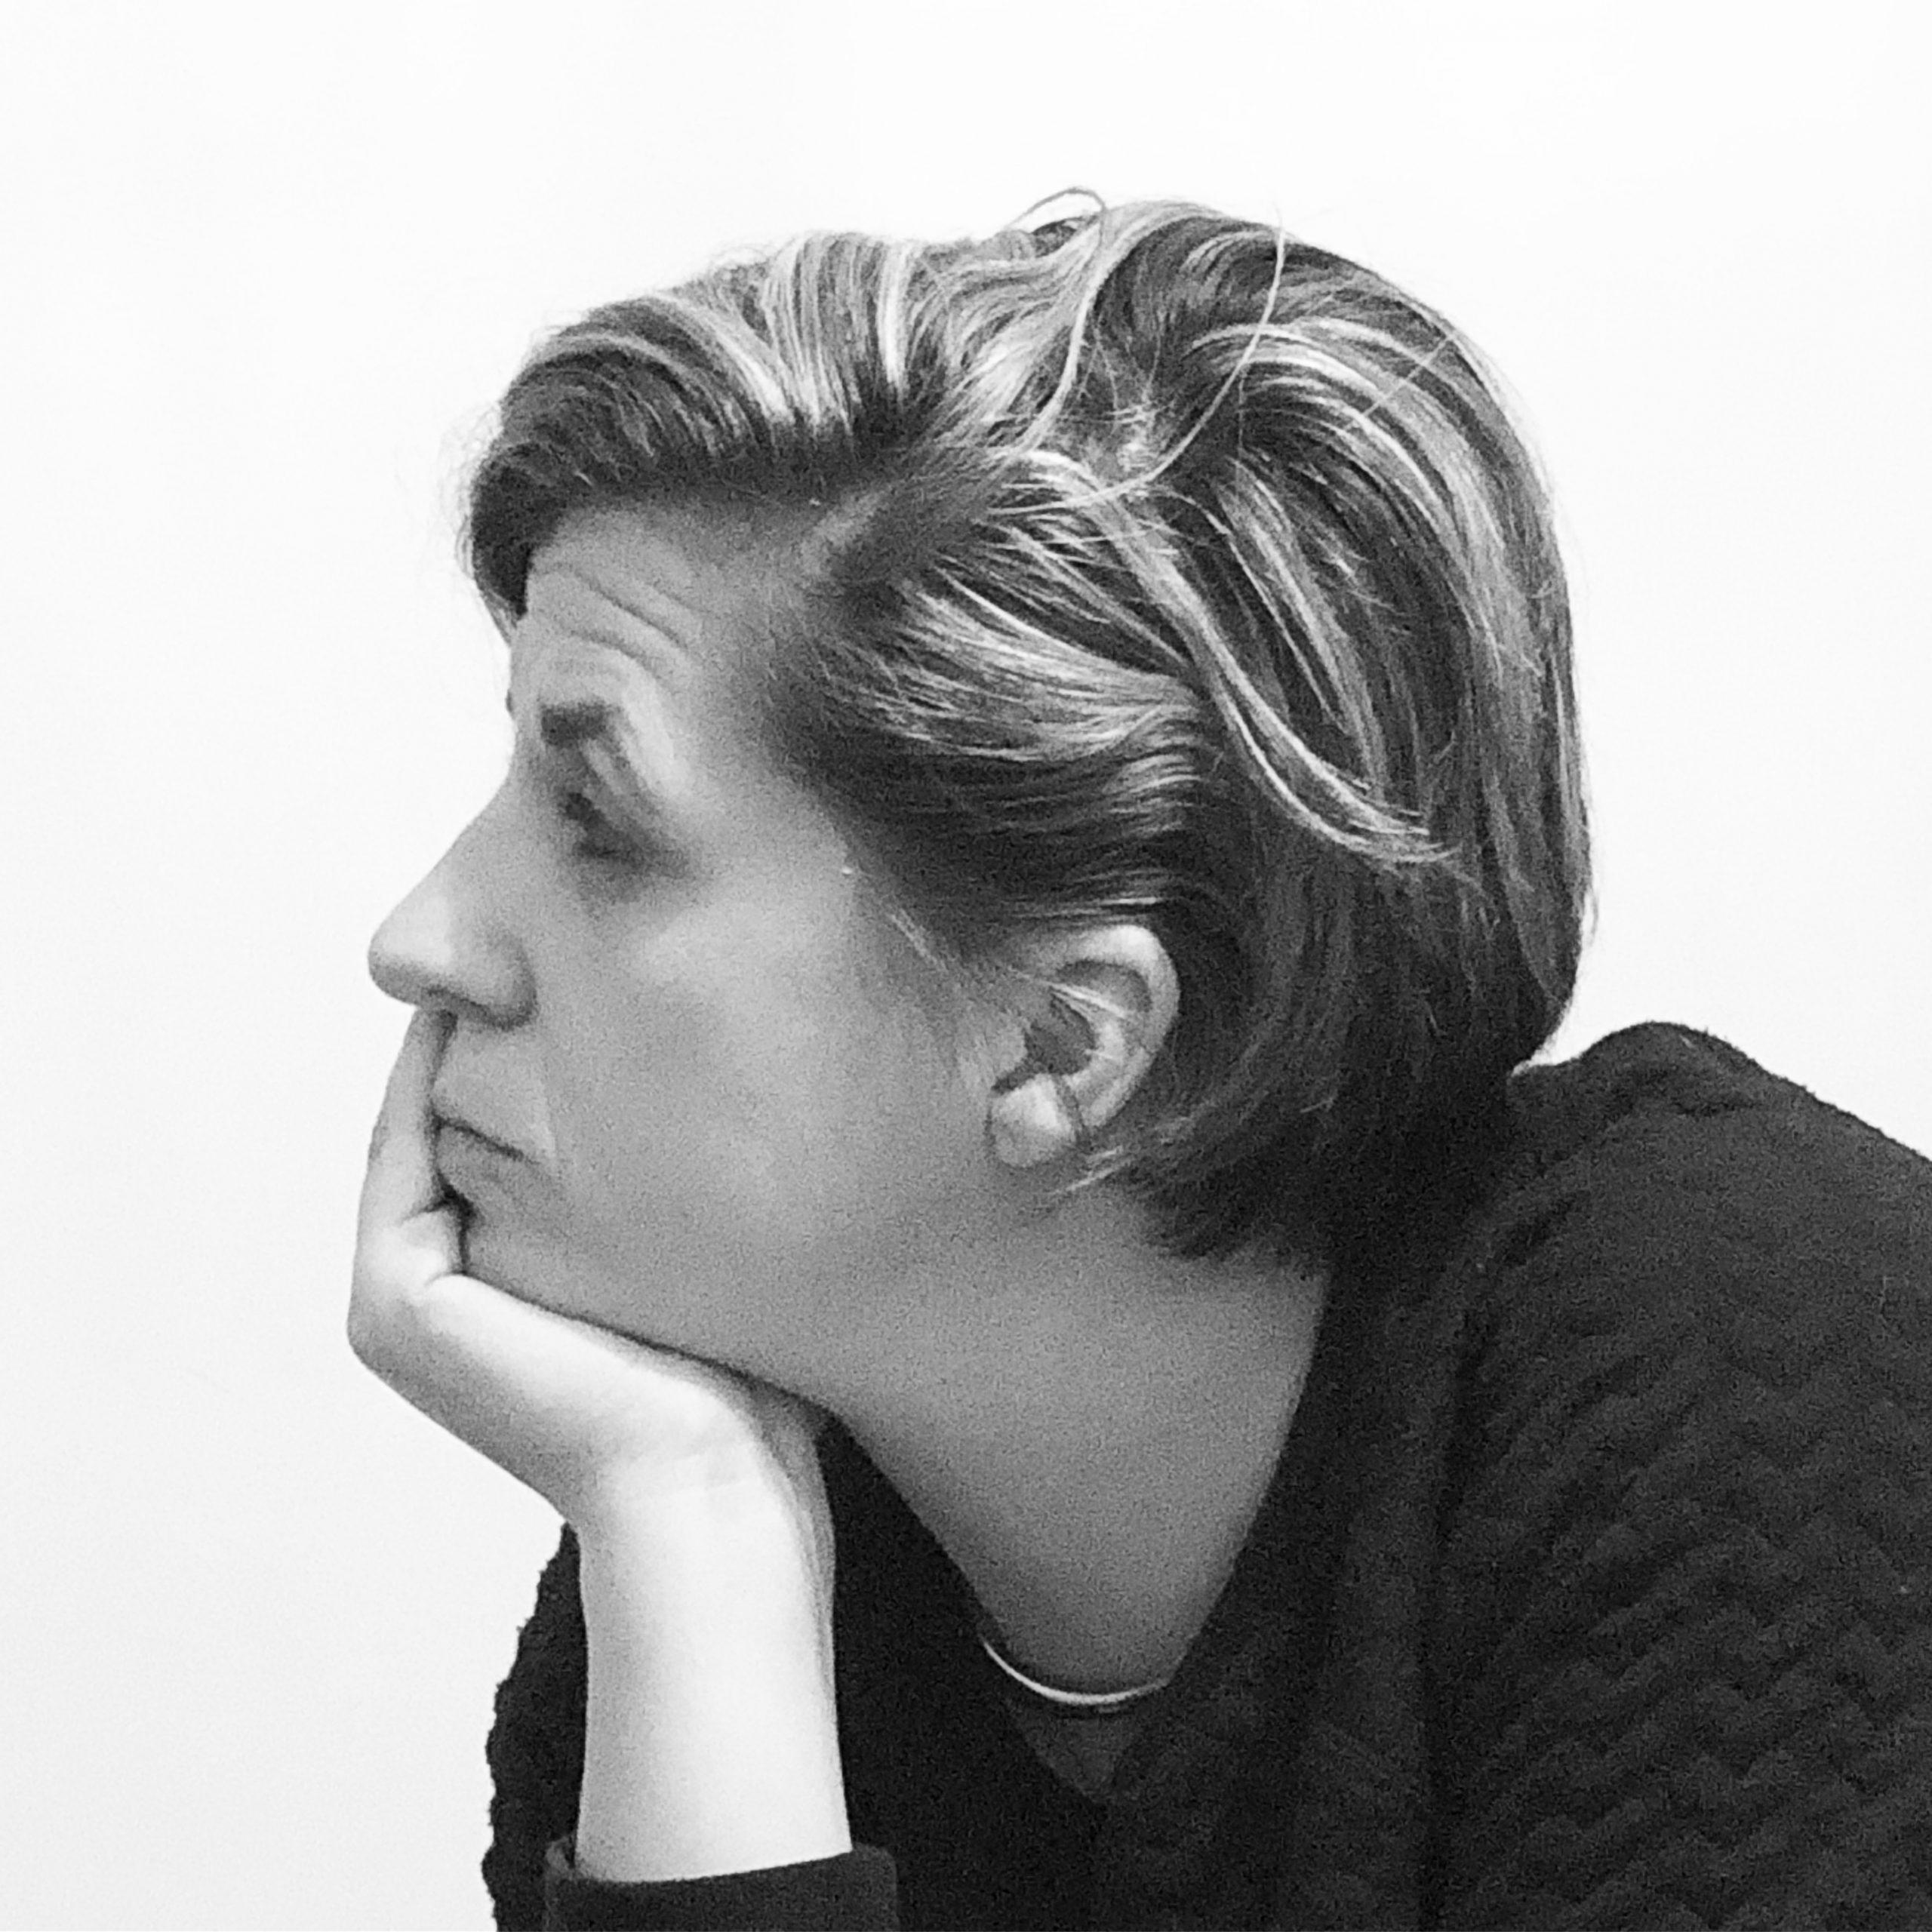 femme portrait de profil noir et blanc sophie-charlotte chapman elles se racontent